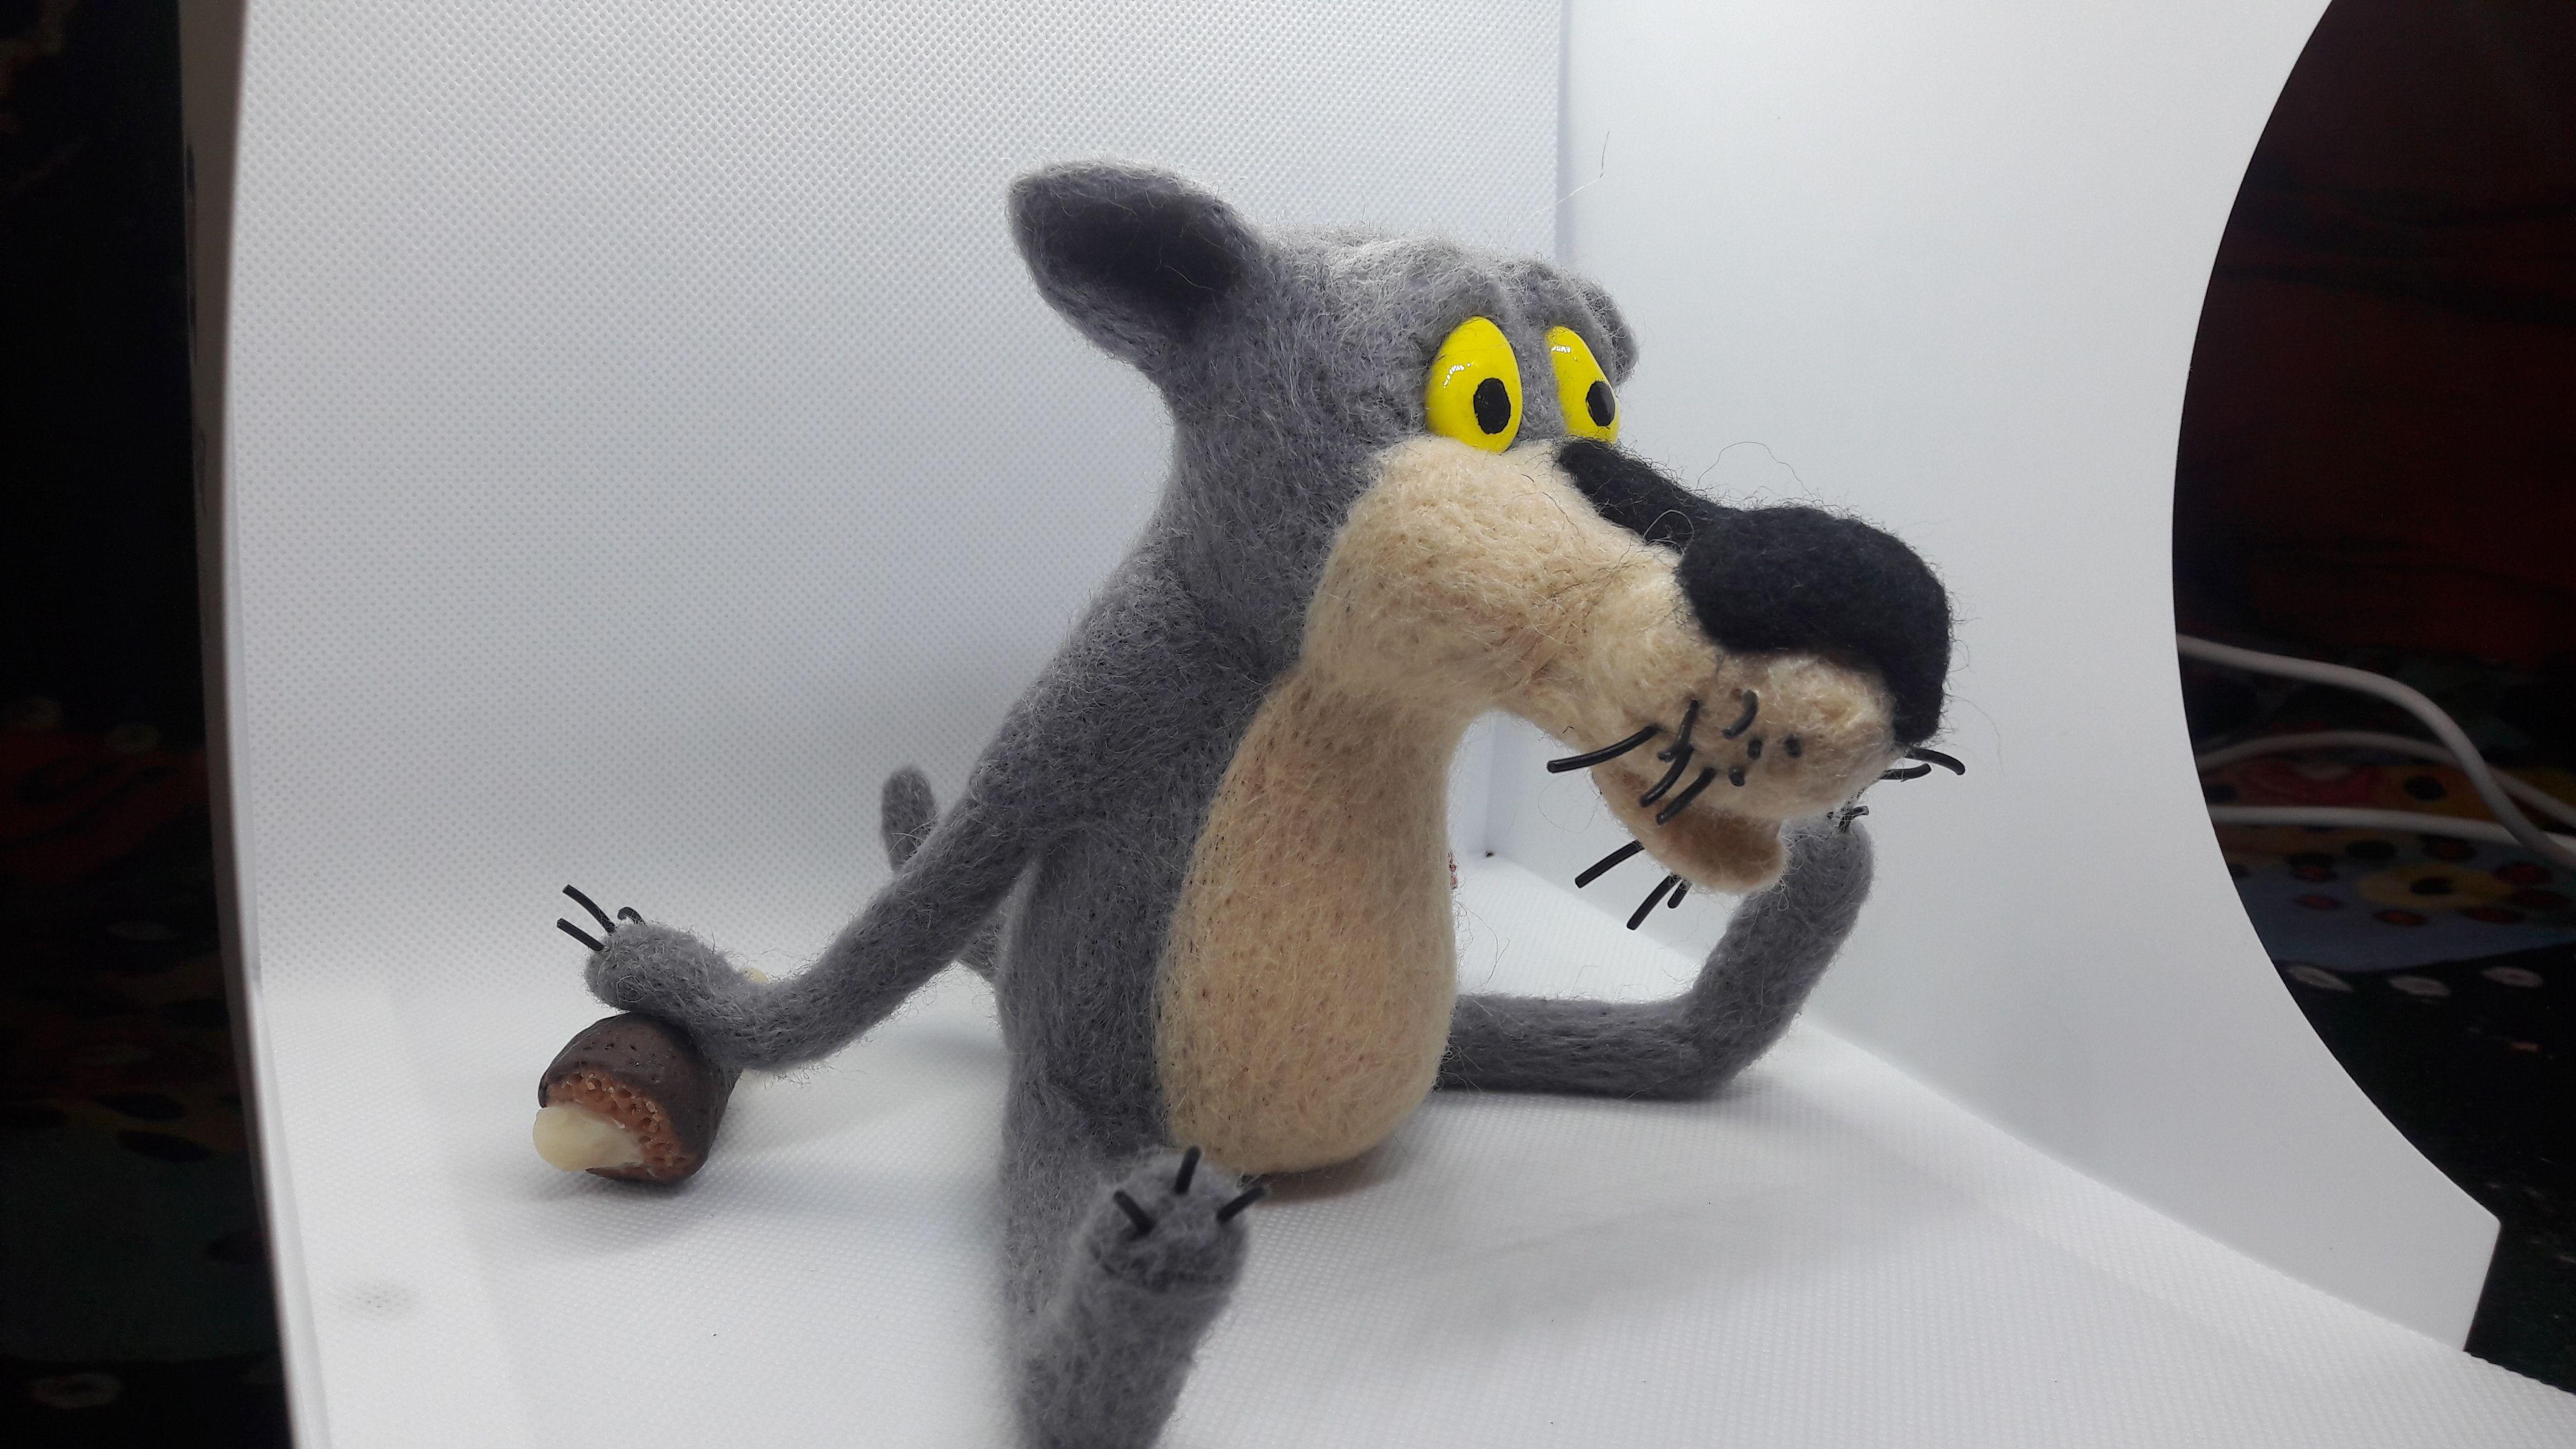 мультик войлок сухое игрушка валяние